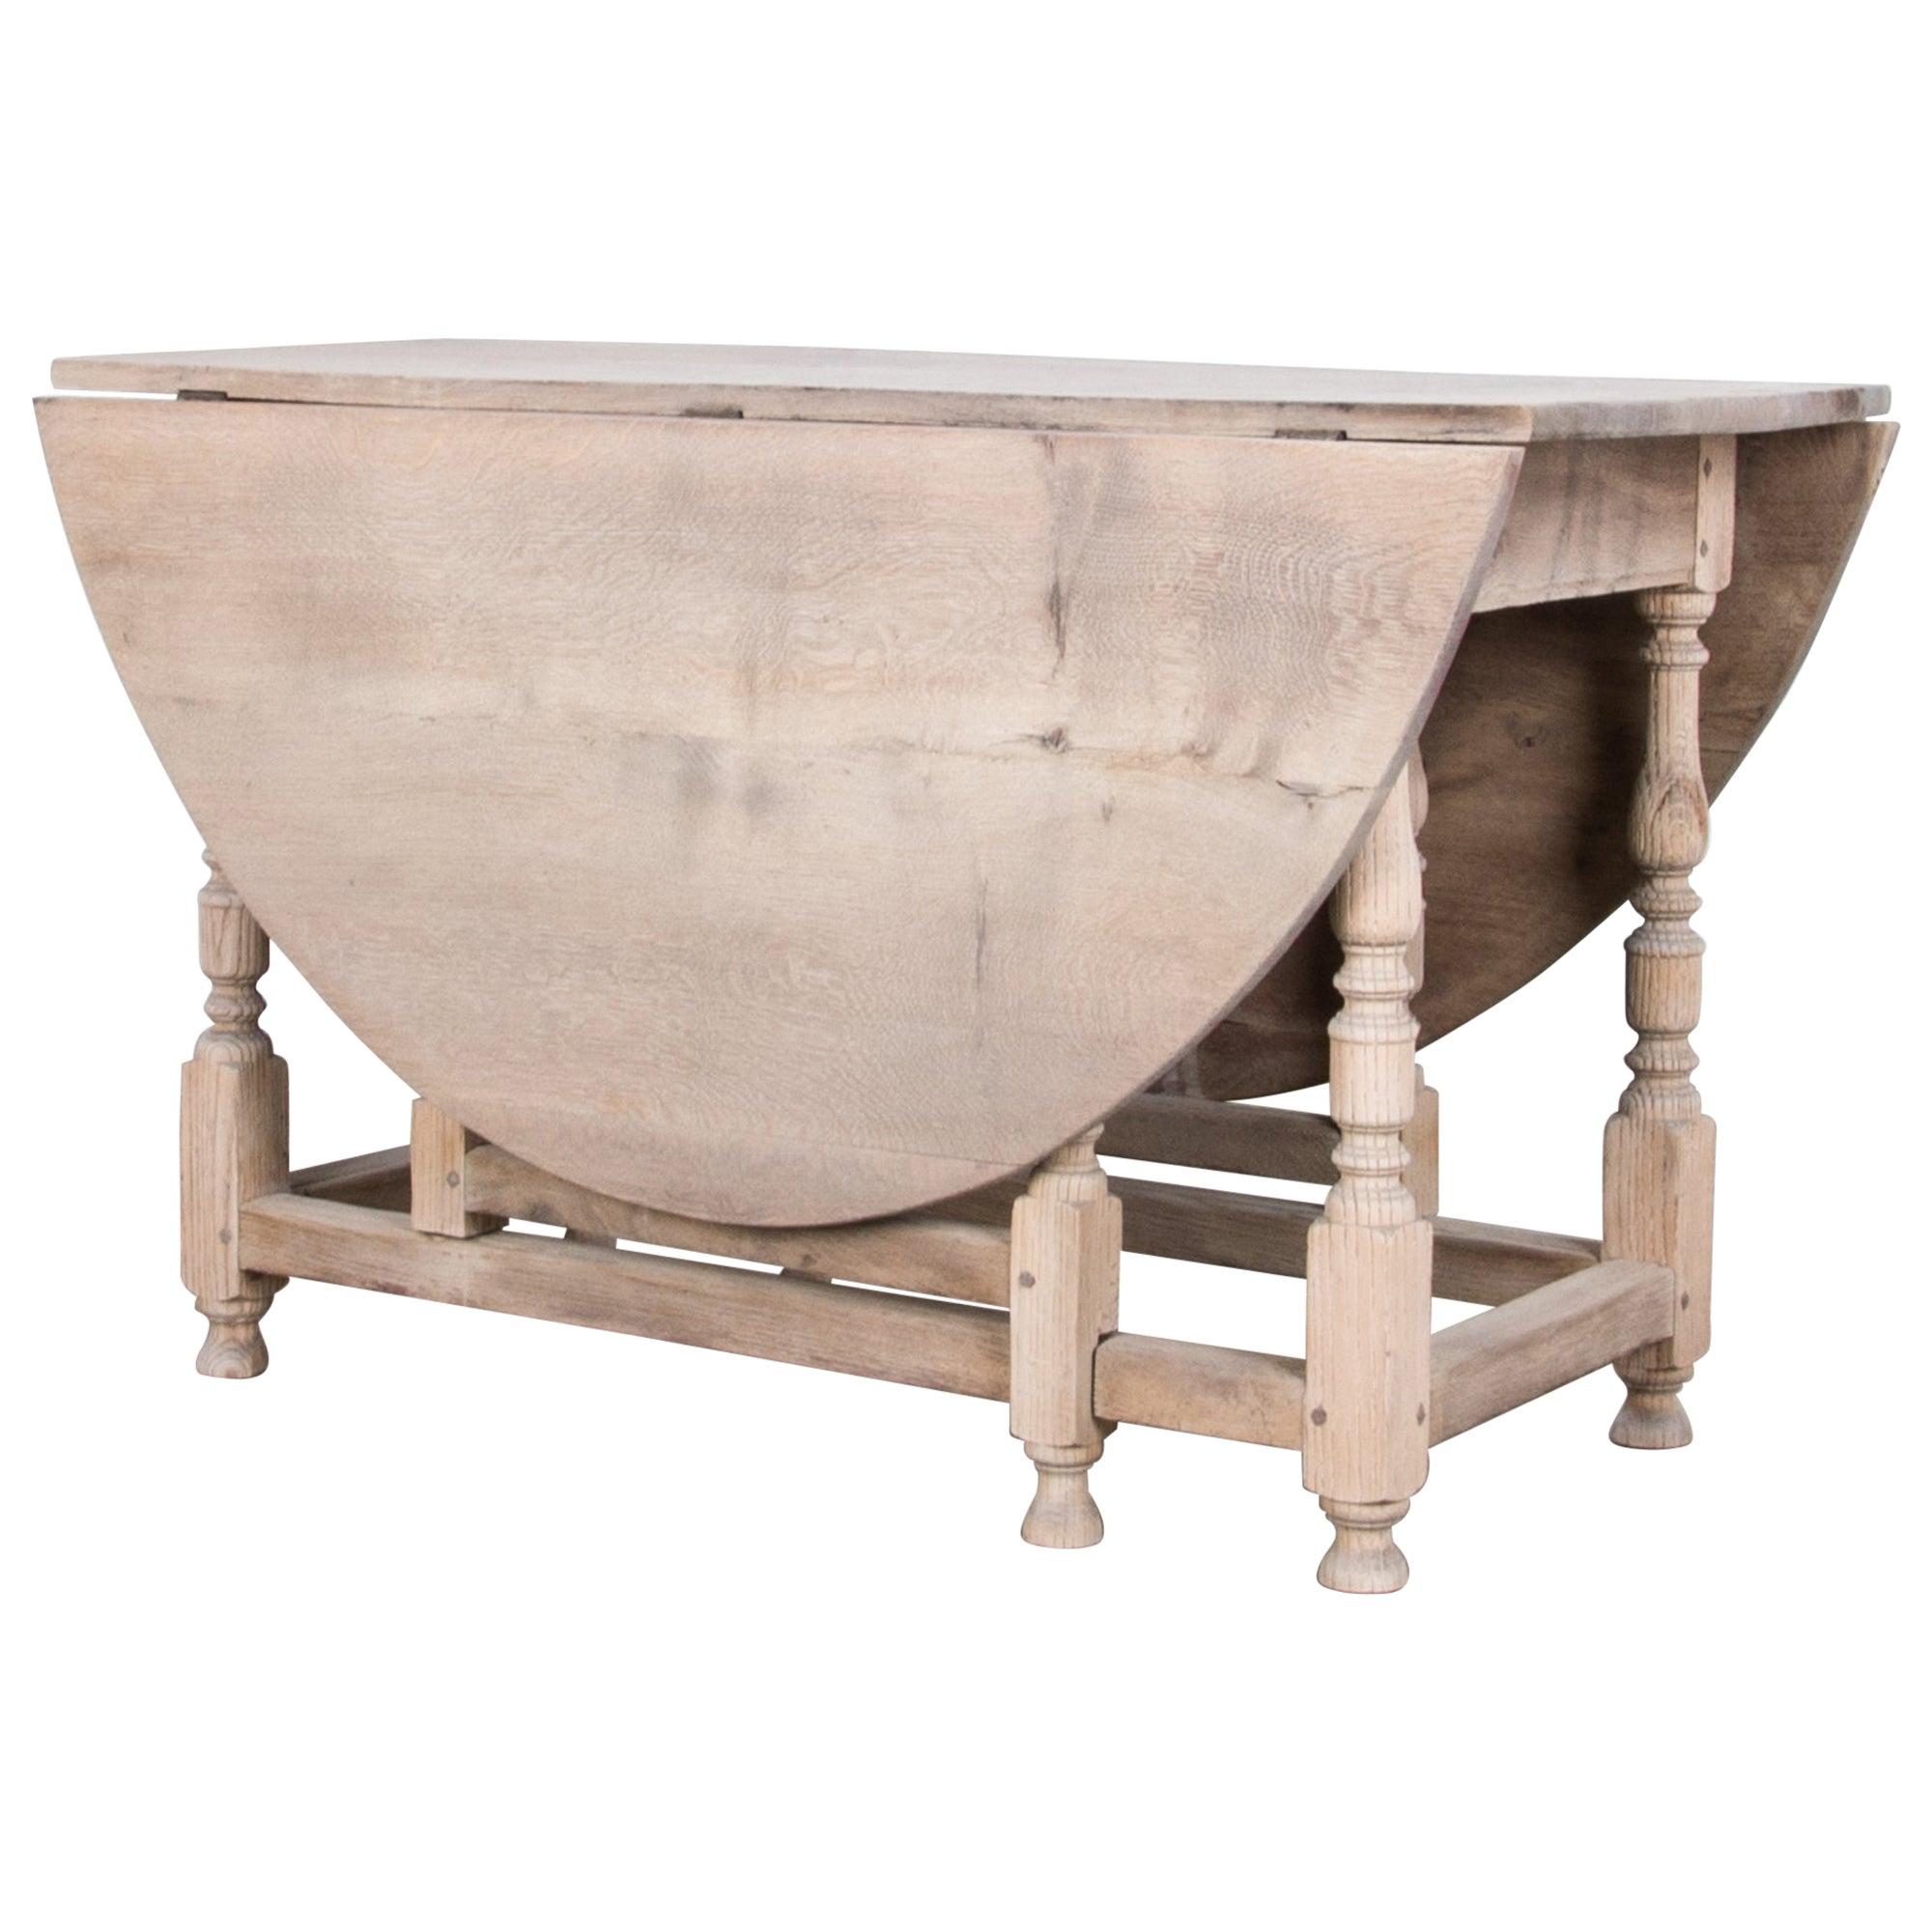 Antique British Gate Leg Table